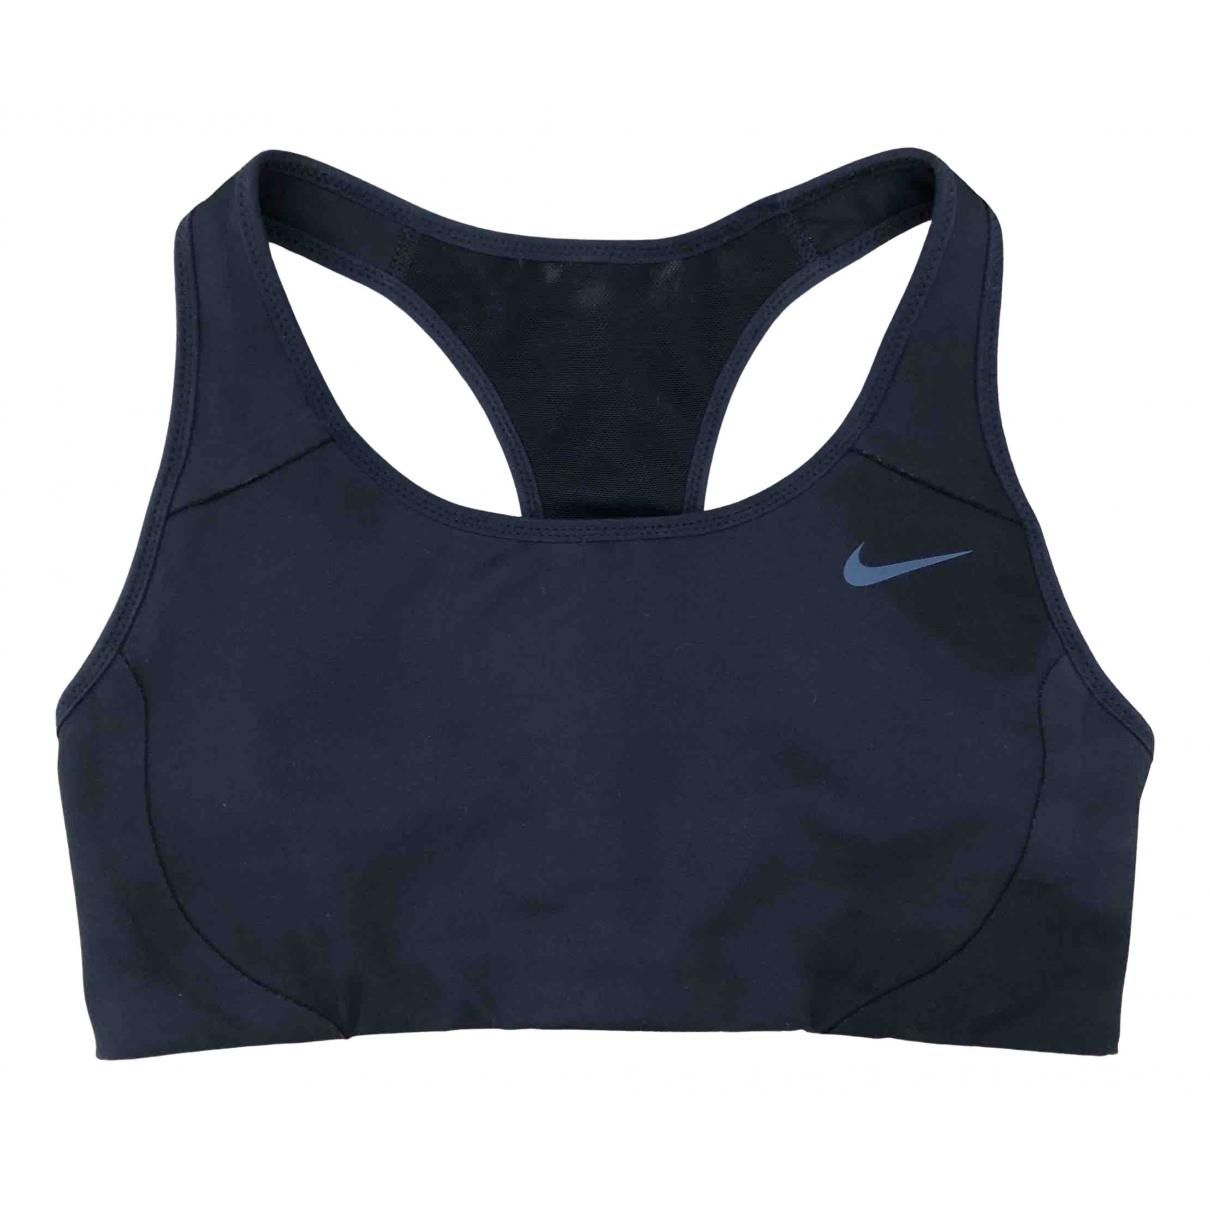 Nike - Top   pour femme - noir